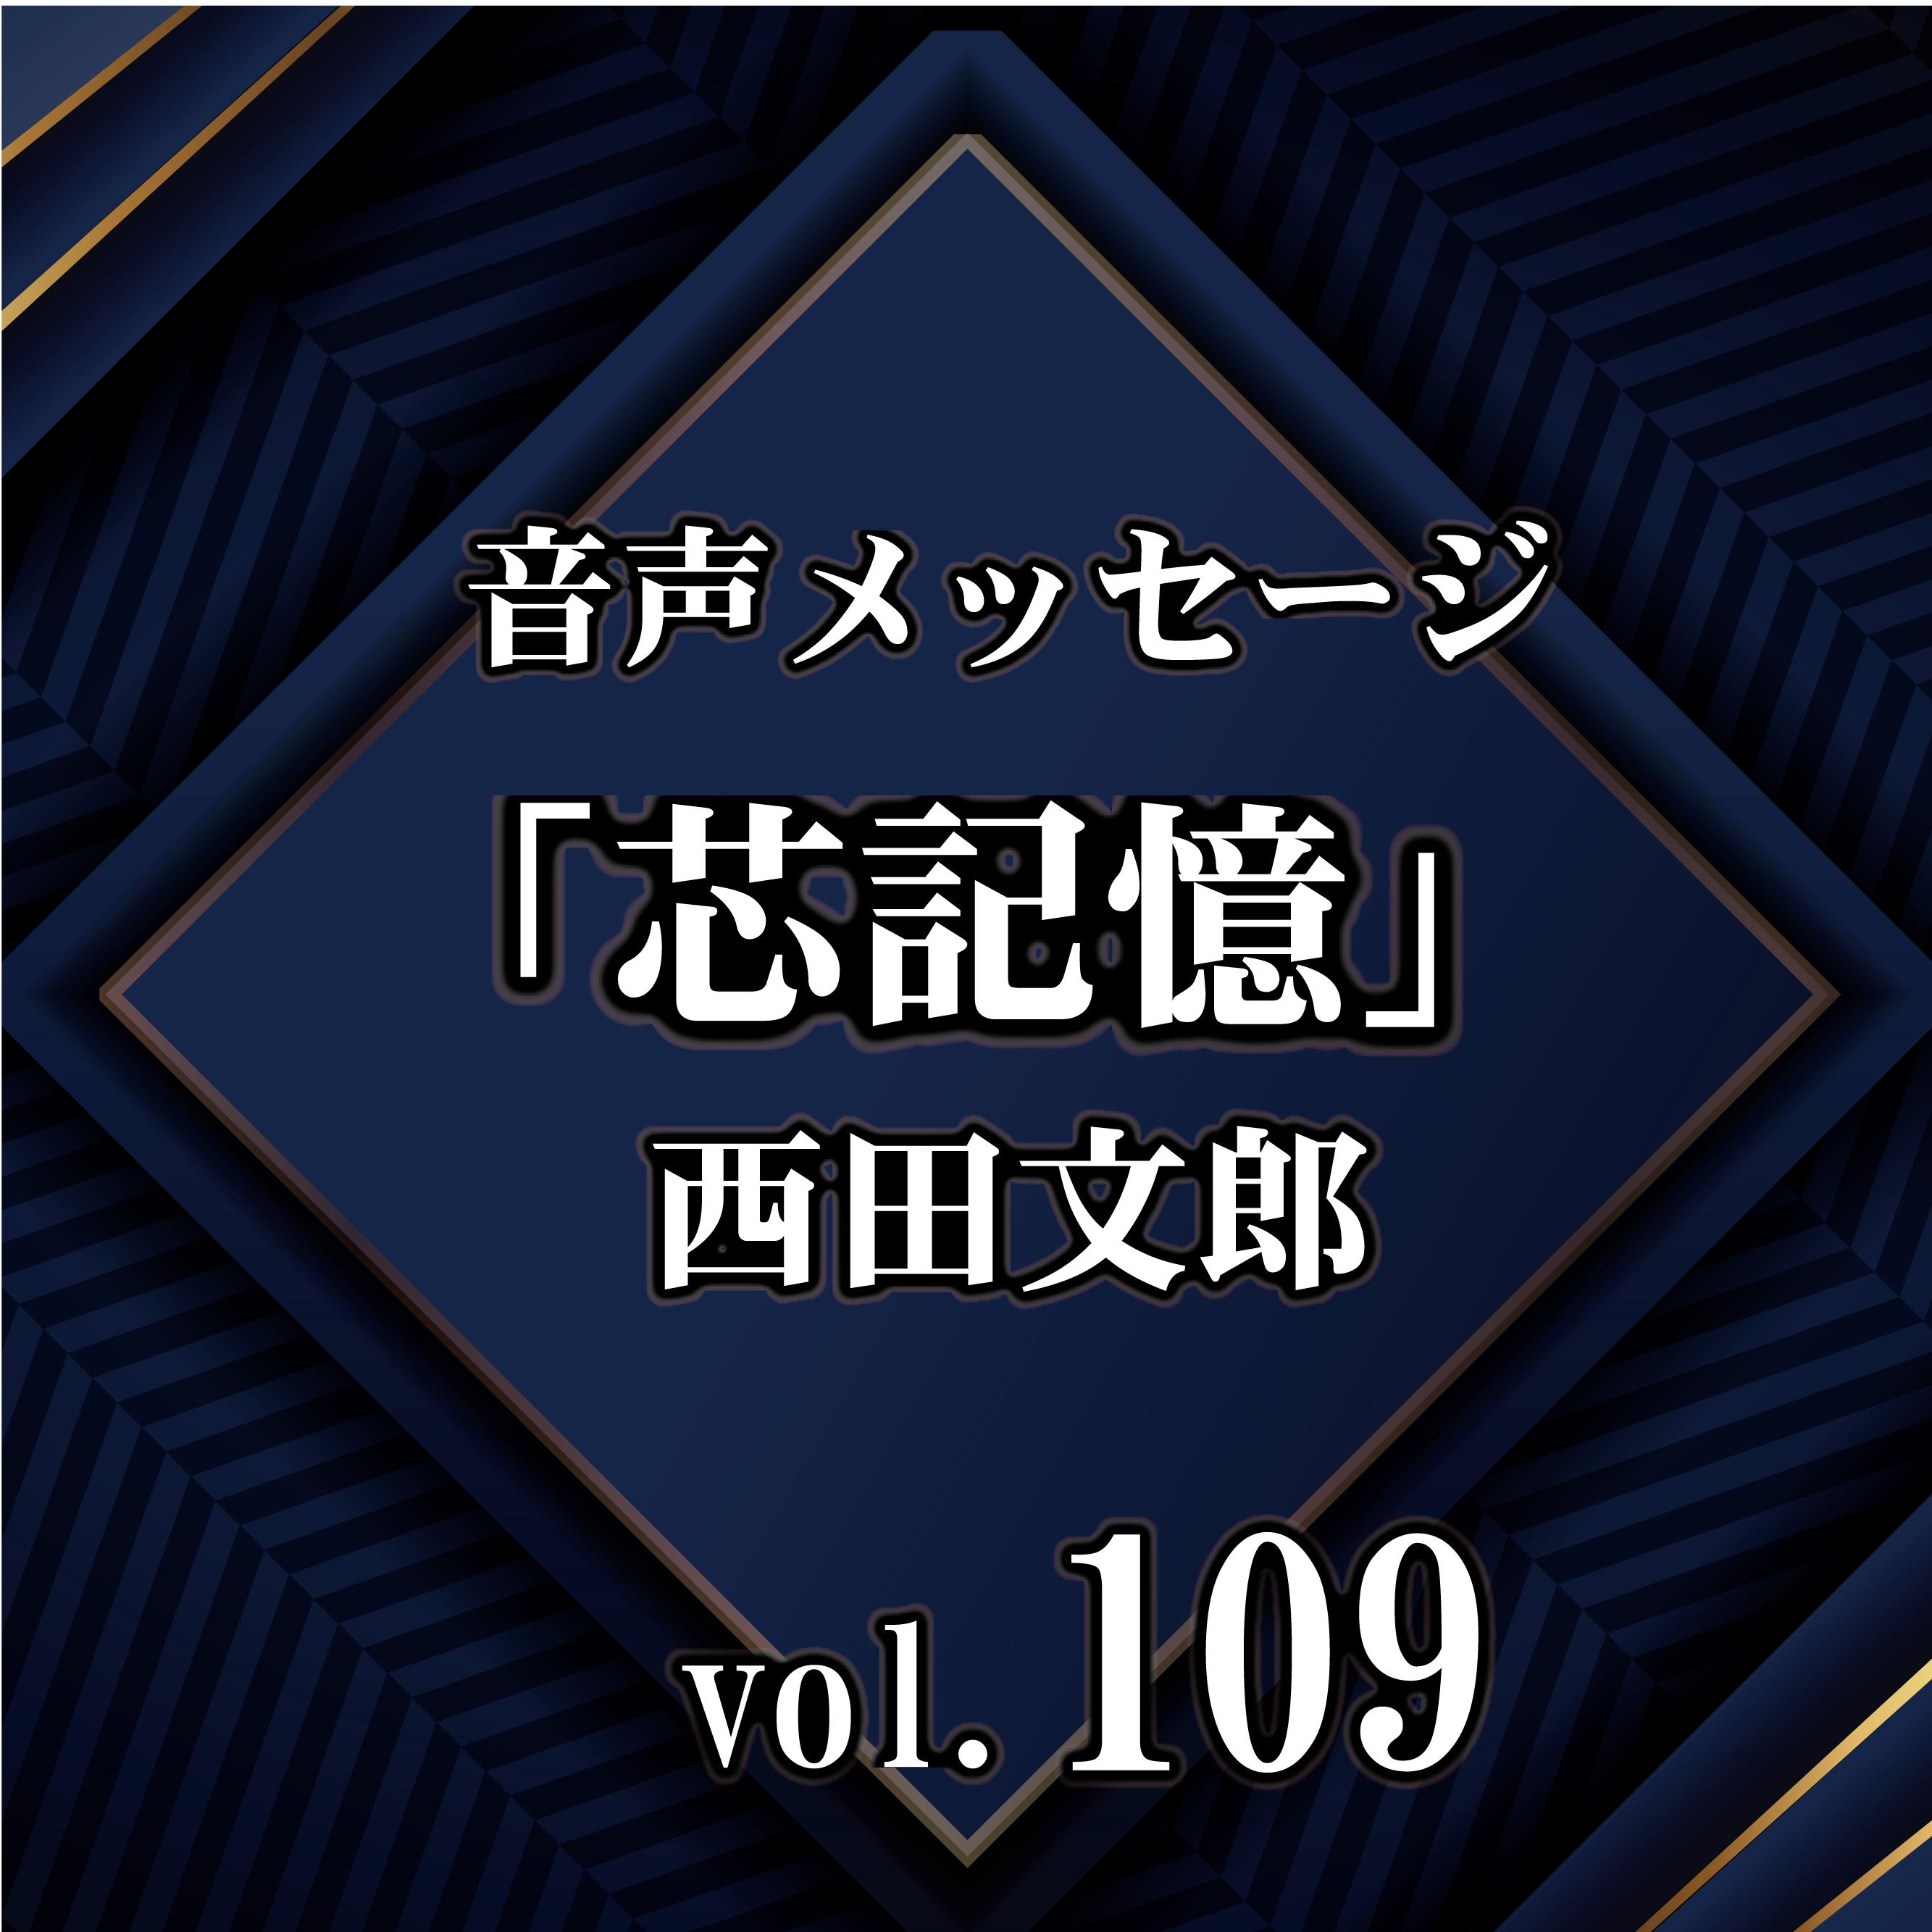 西田文郎 音声メッセージvol.109『芯記憶』